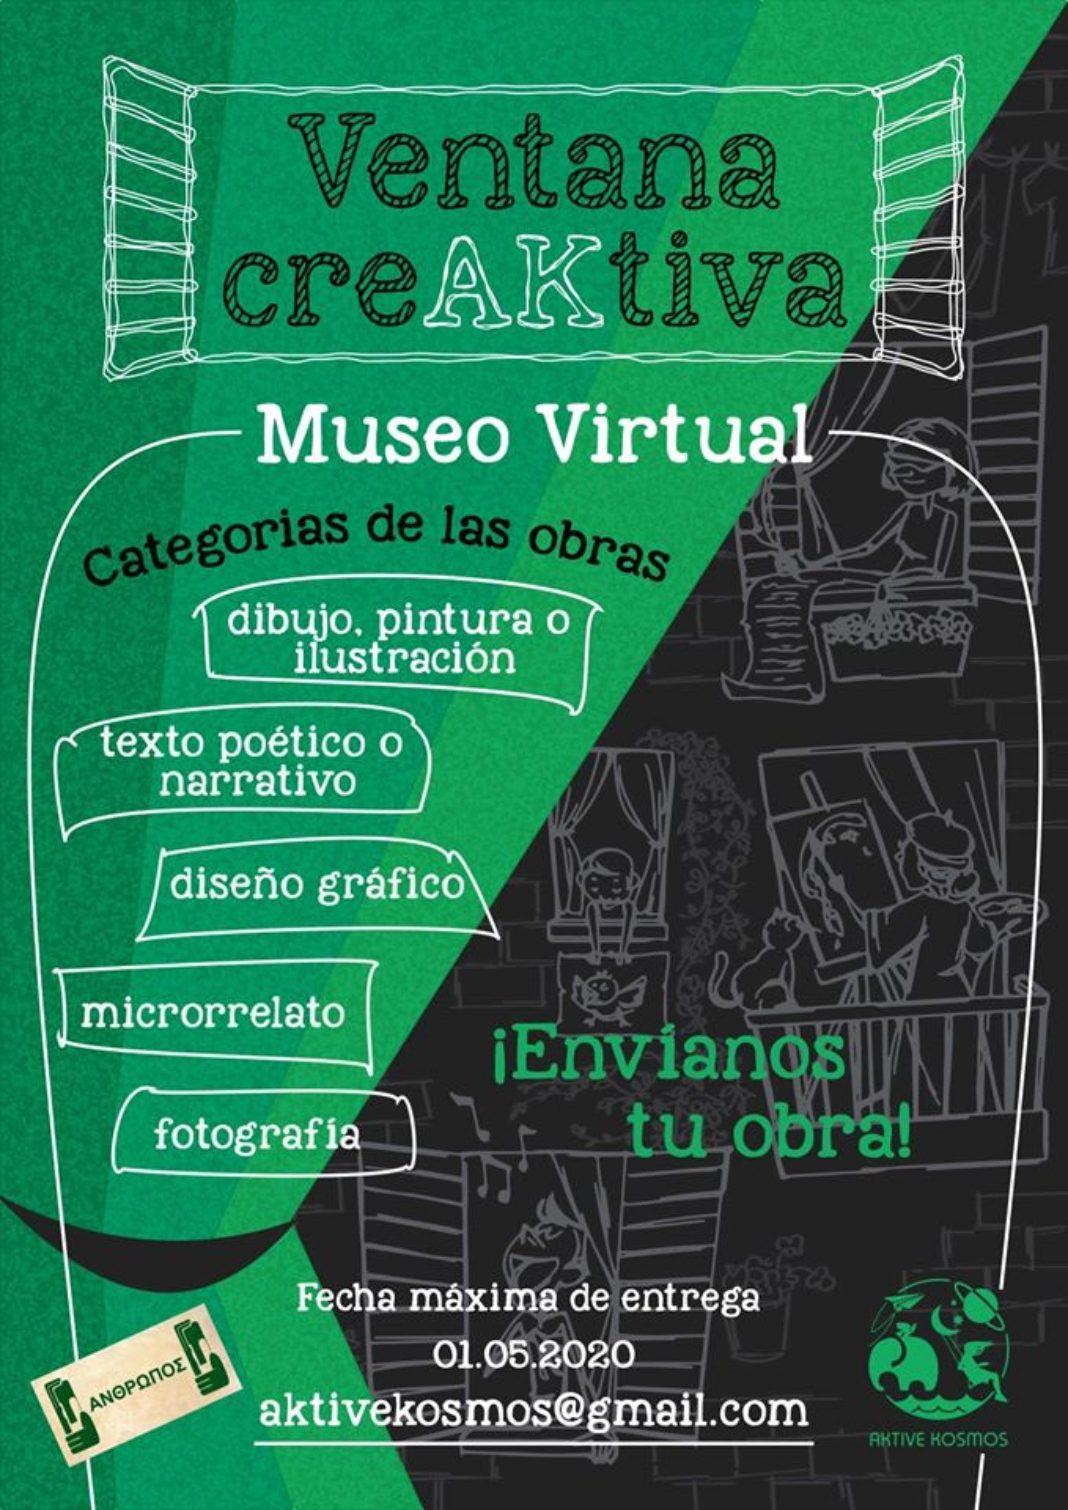 Colabora en la creación de un museo virtual con obras que recojan lo que se está viviendo por la COVID-19 4